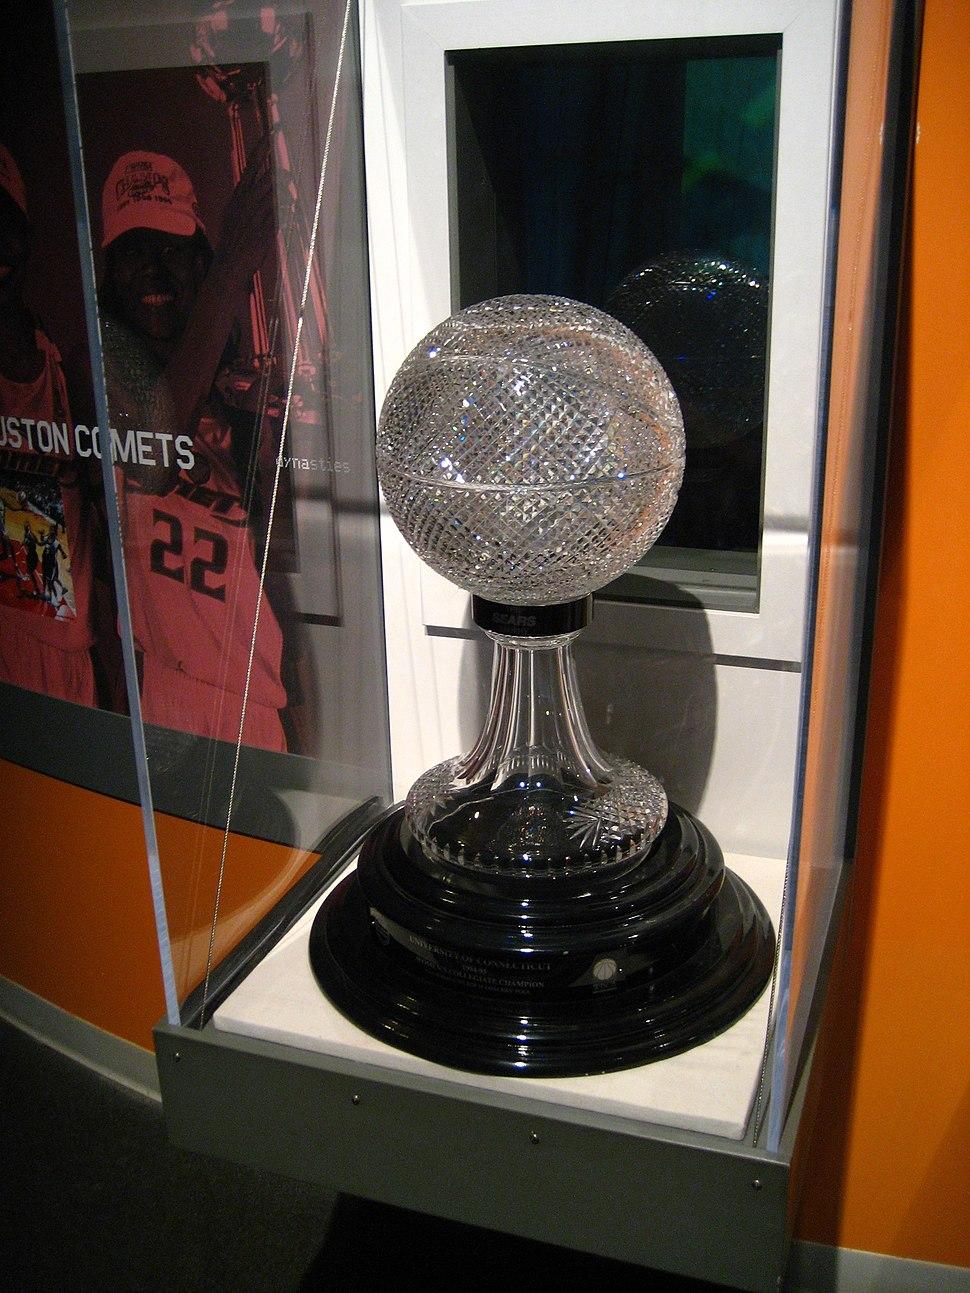 NABC NCAA Trophy